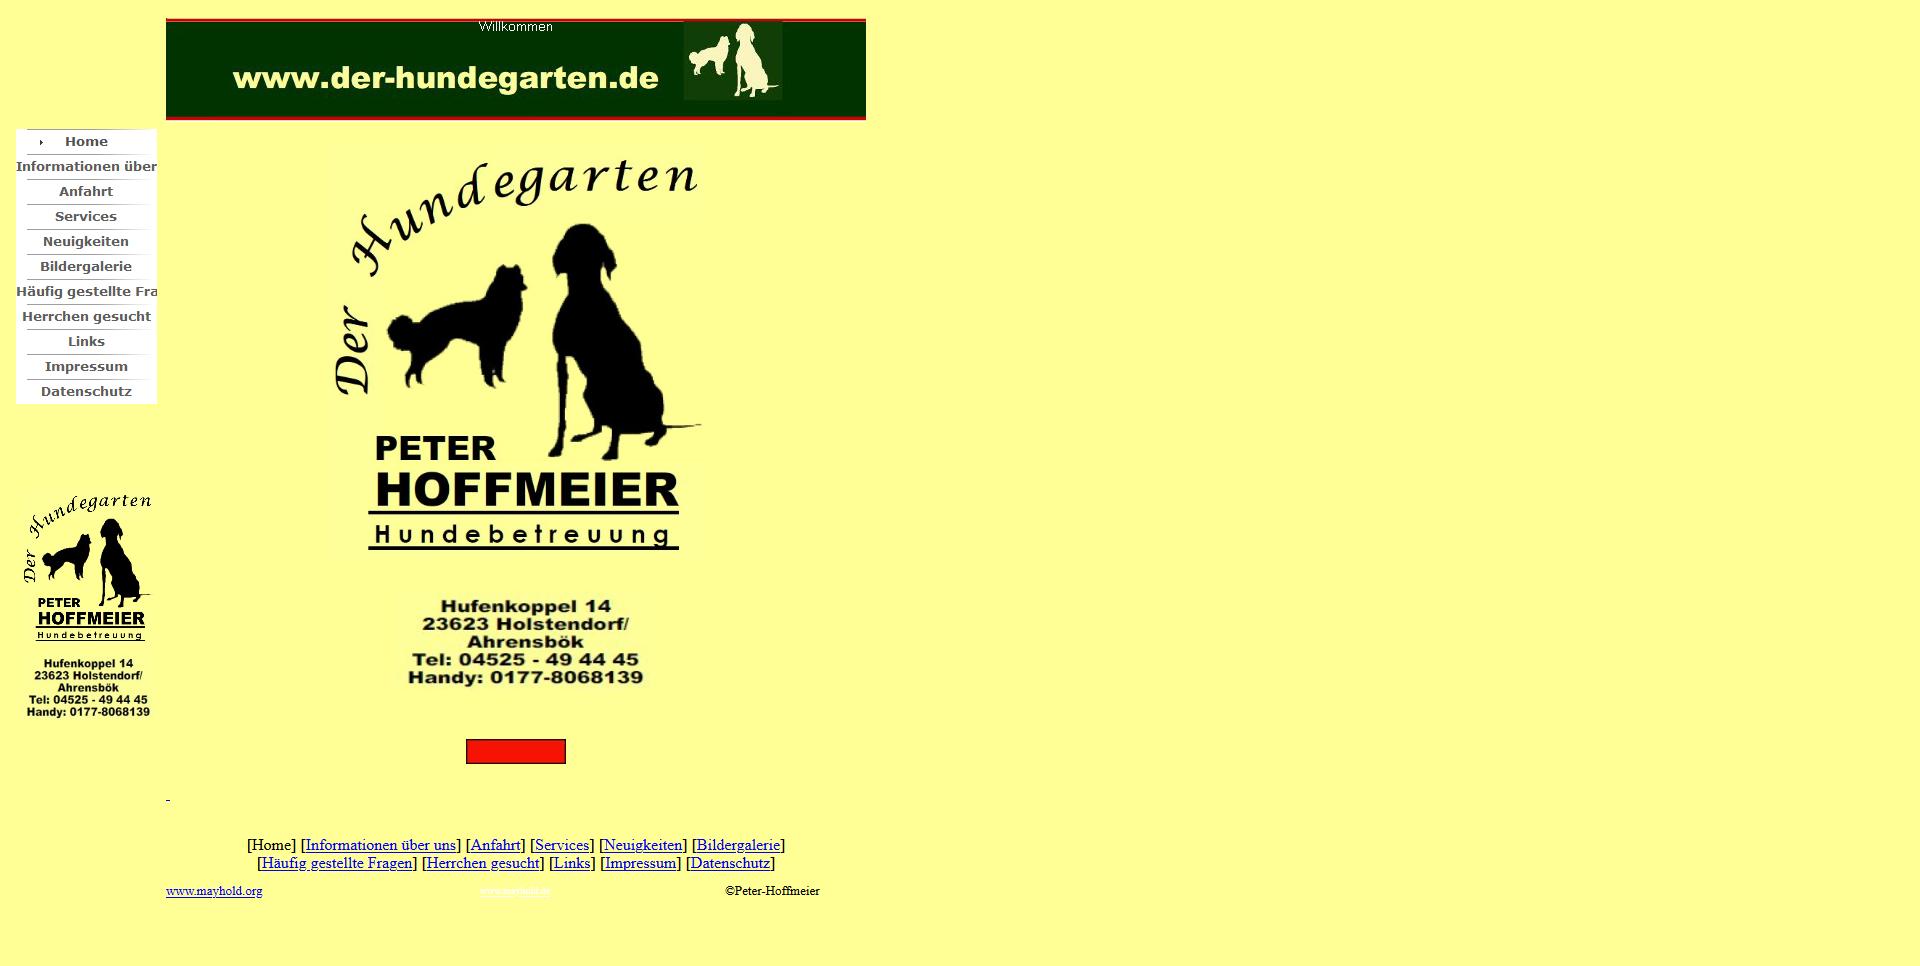 Der Hundegarten-Hoffmeier